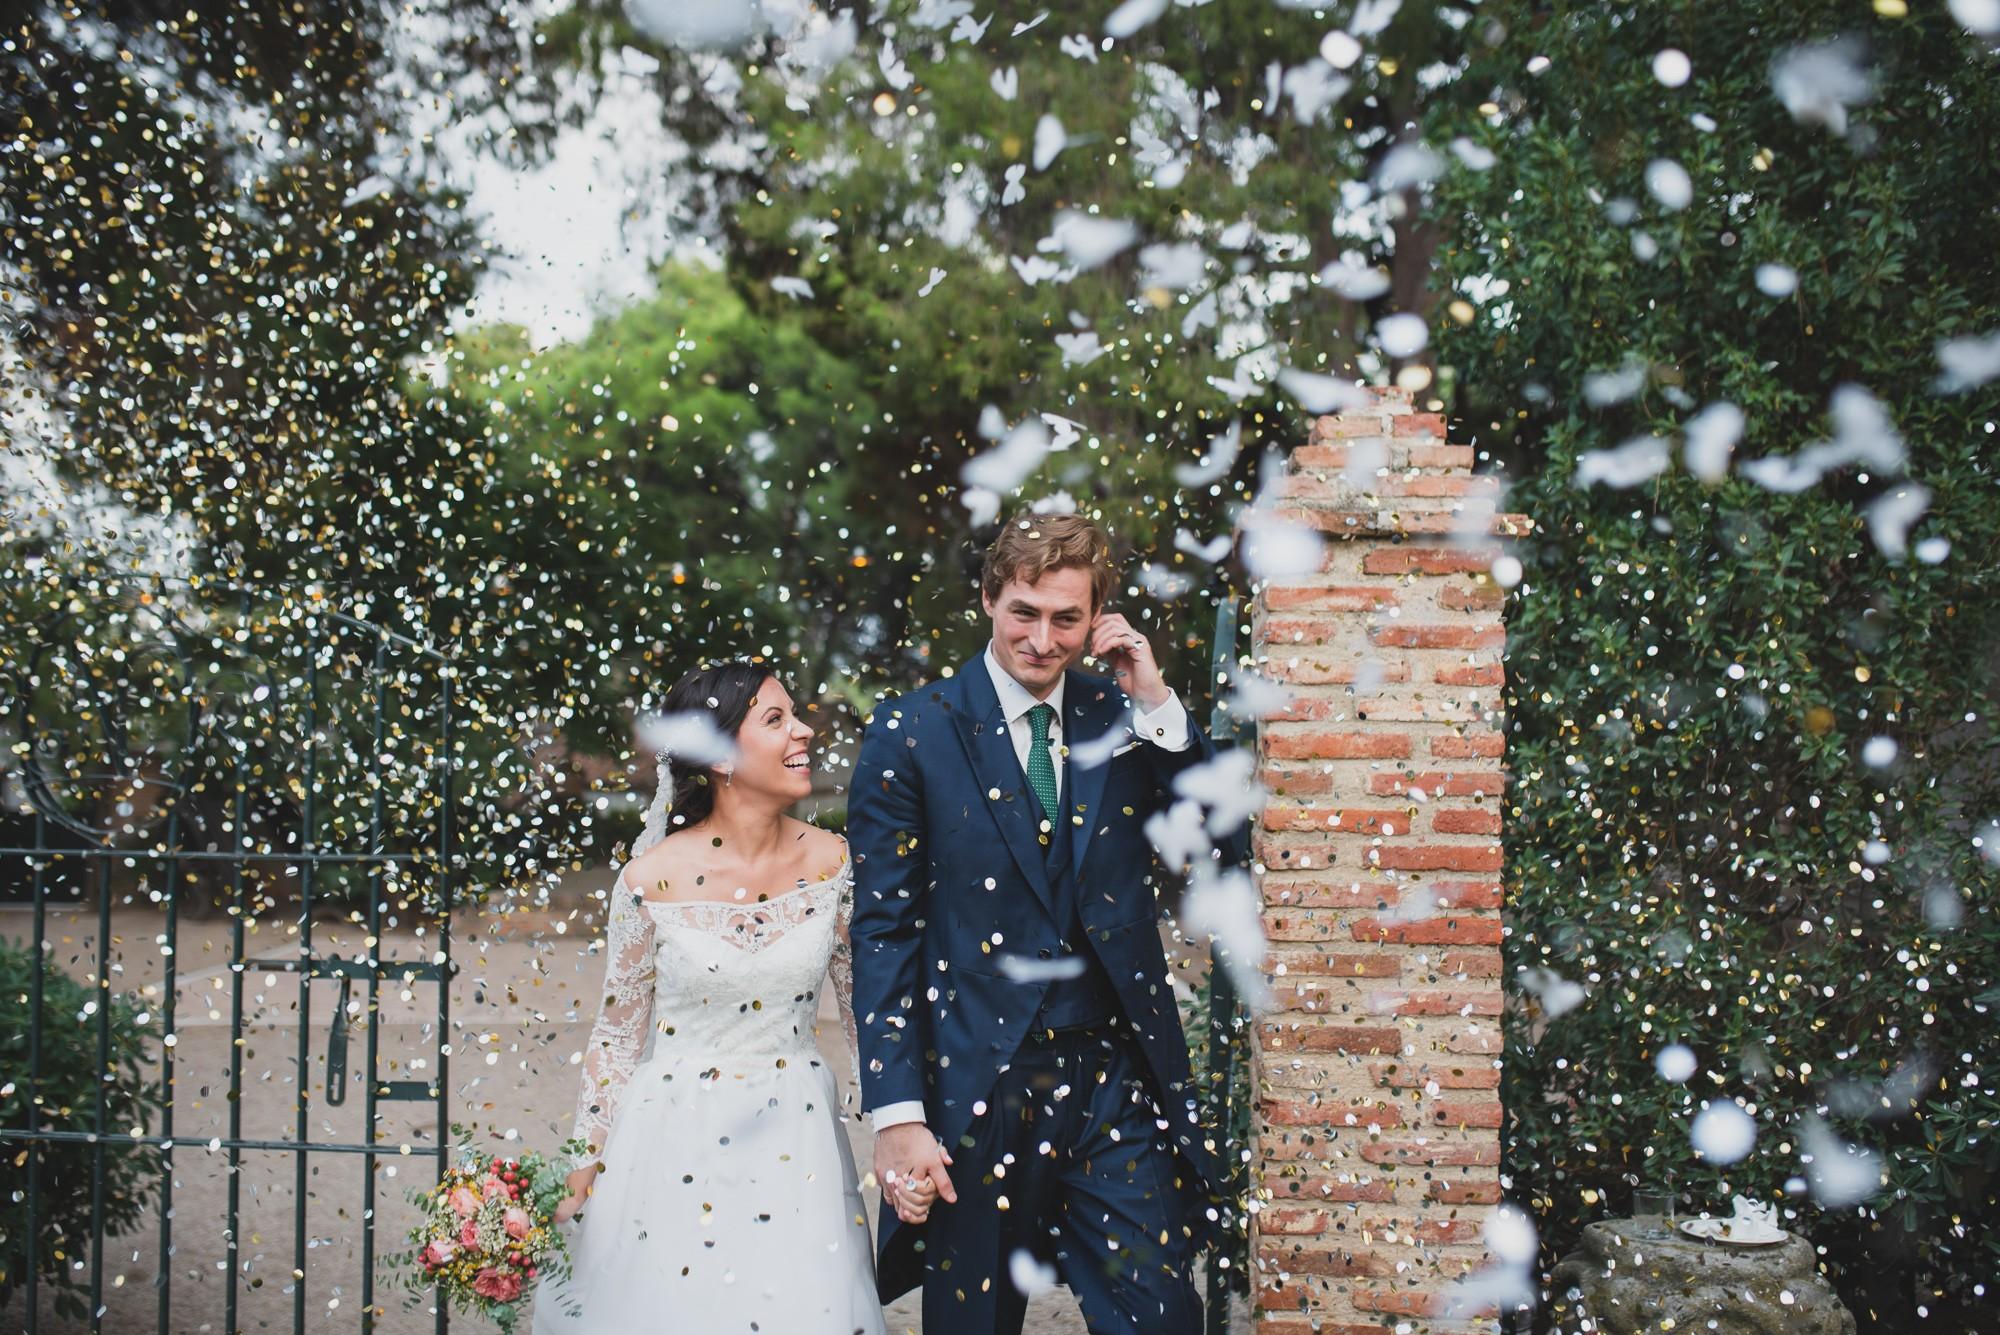 fotografos-boda-el-palacio-del-negralejo-196239